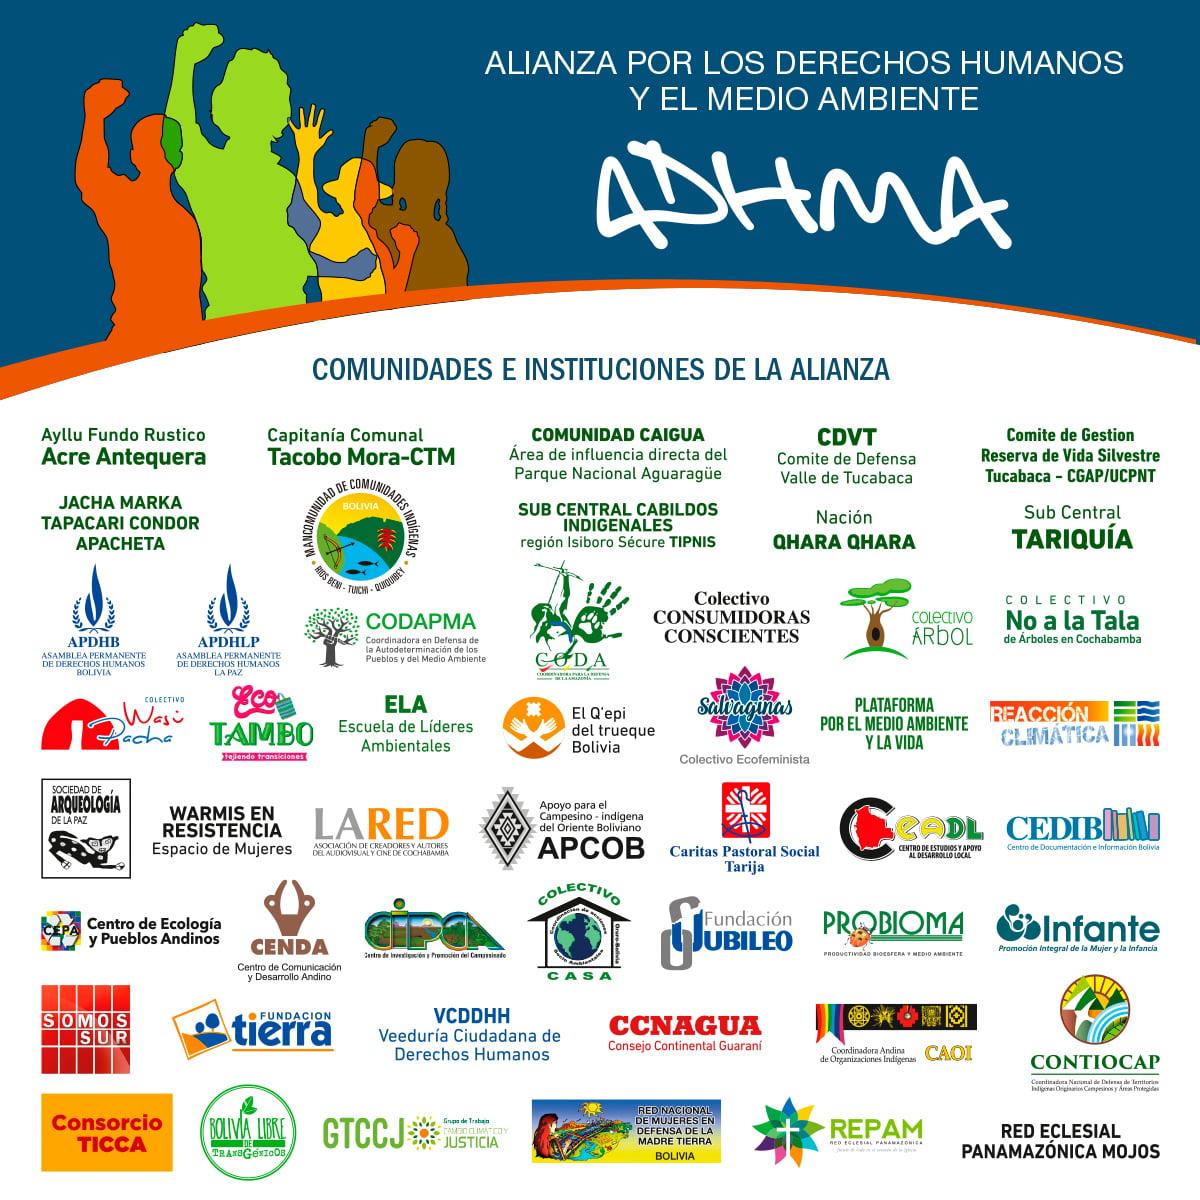 Alianza por los Derechos Humanos y el Medios Ambiente